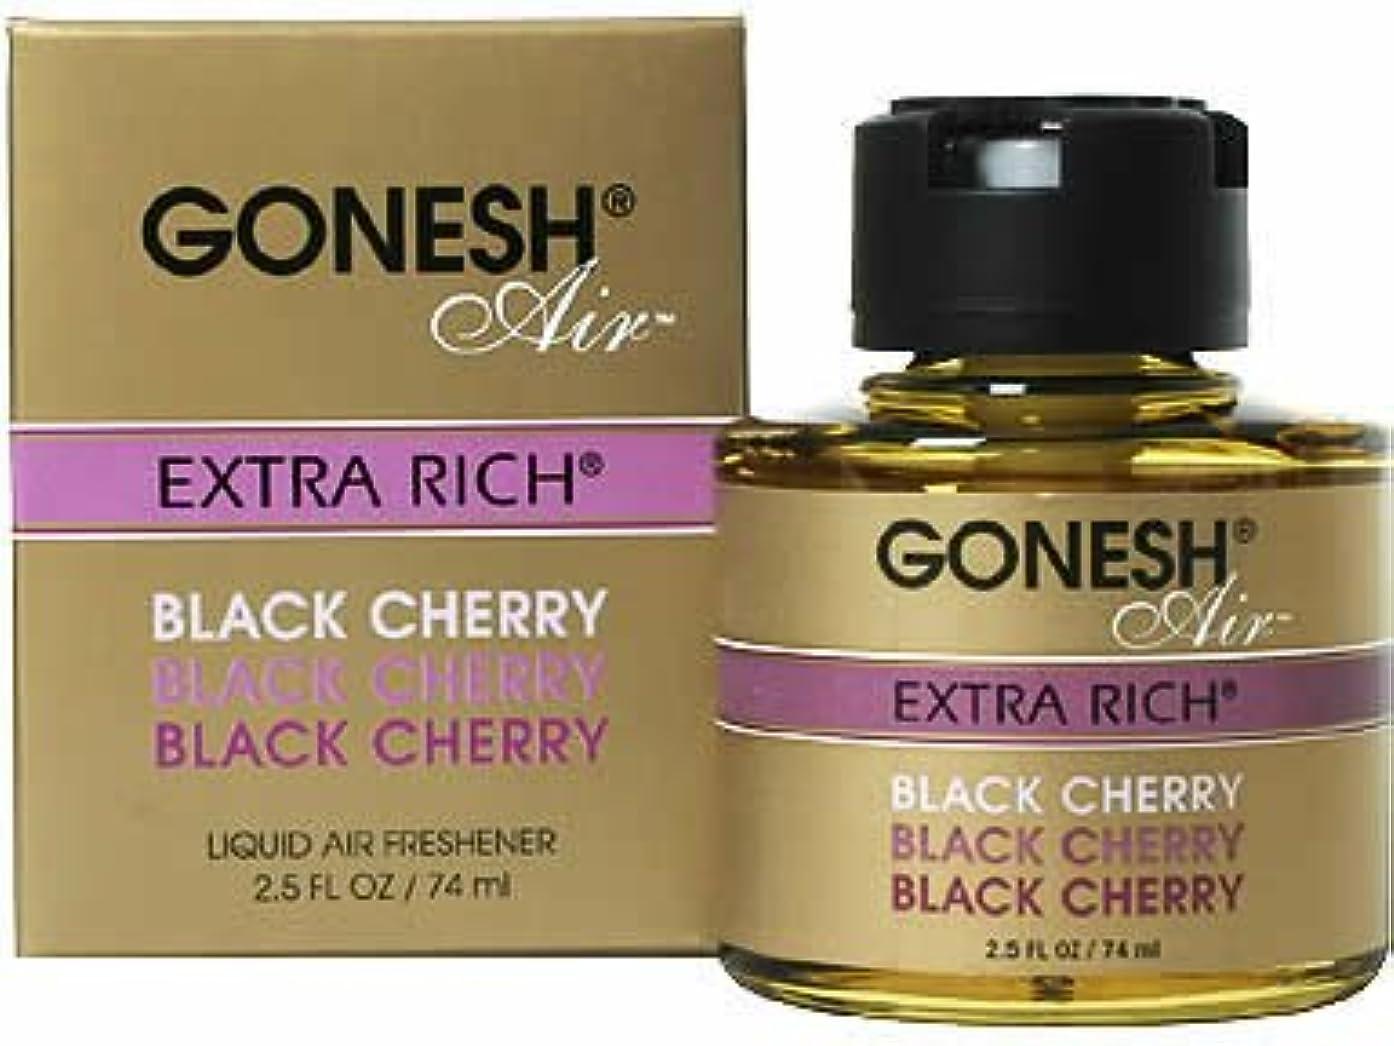 免除ワーディアンケース最もガーネッシュ(GONESH) リキッドエアフレッシュナー ブラックチェリー 74ml